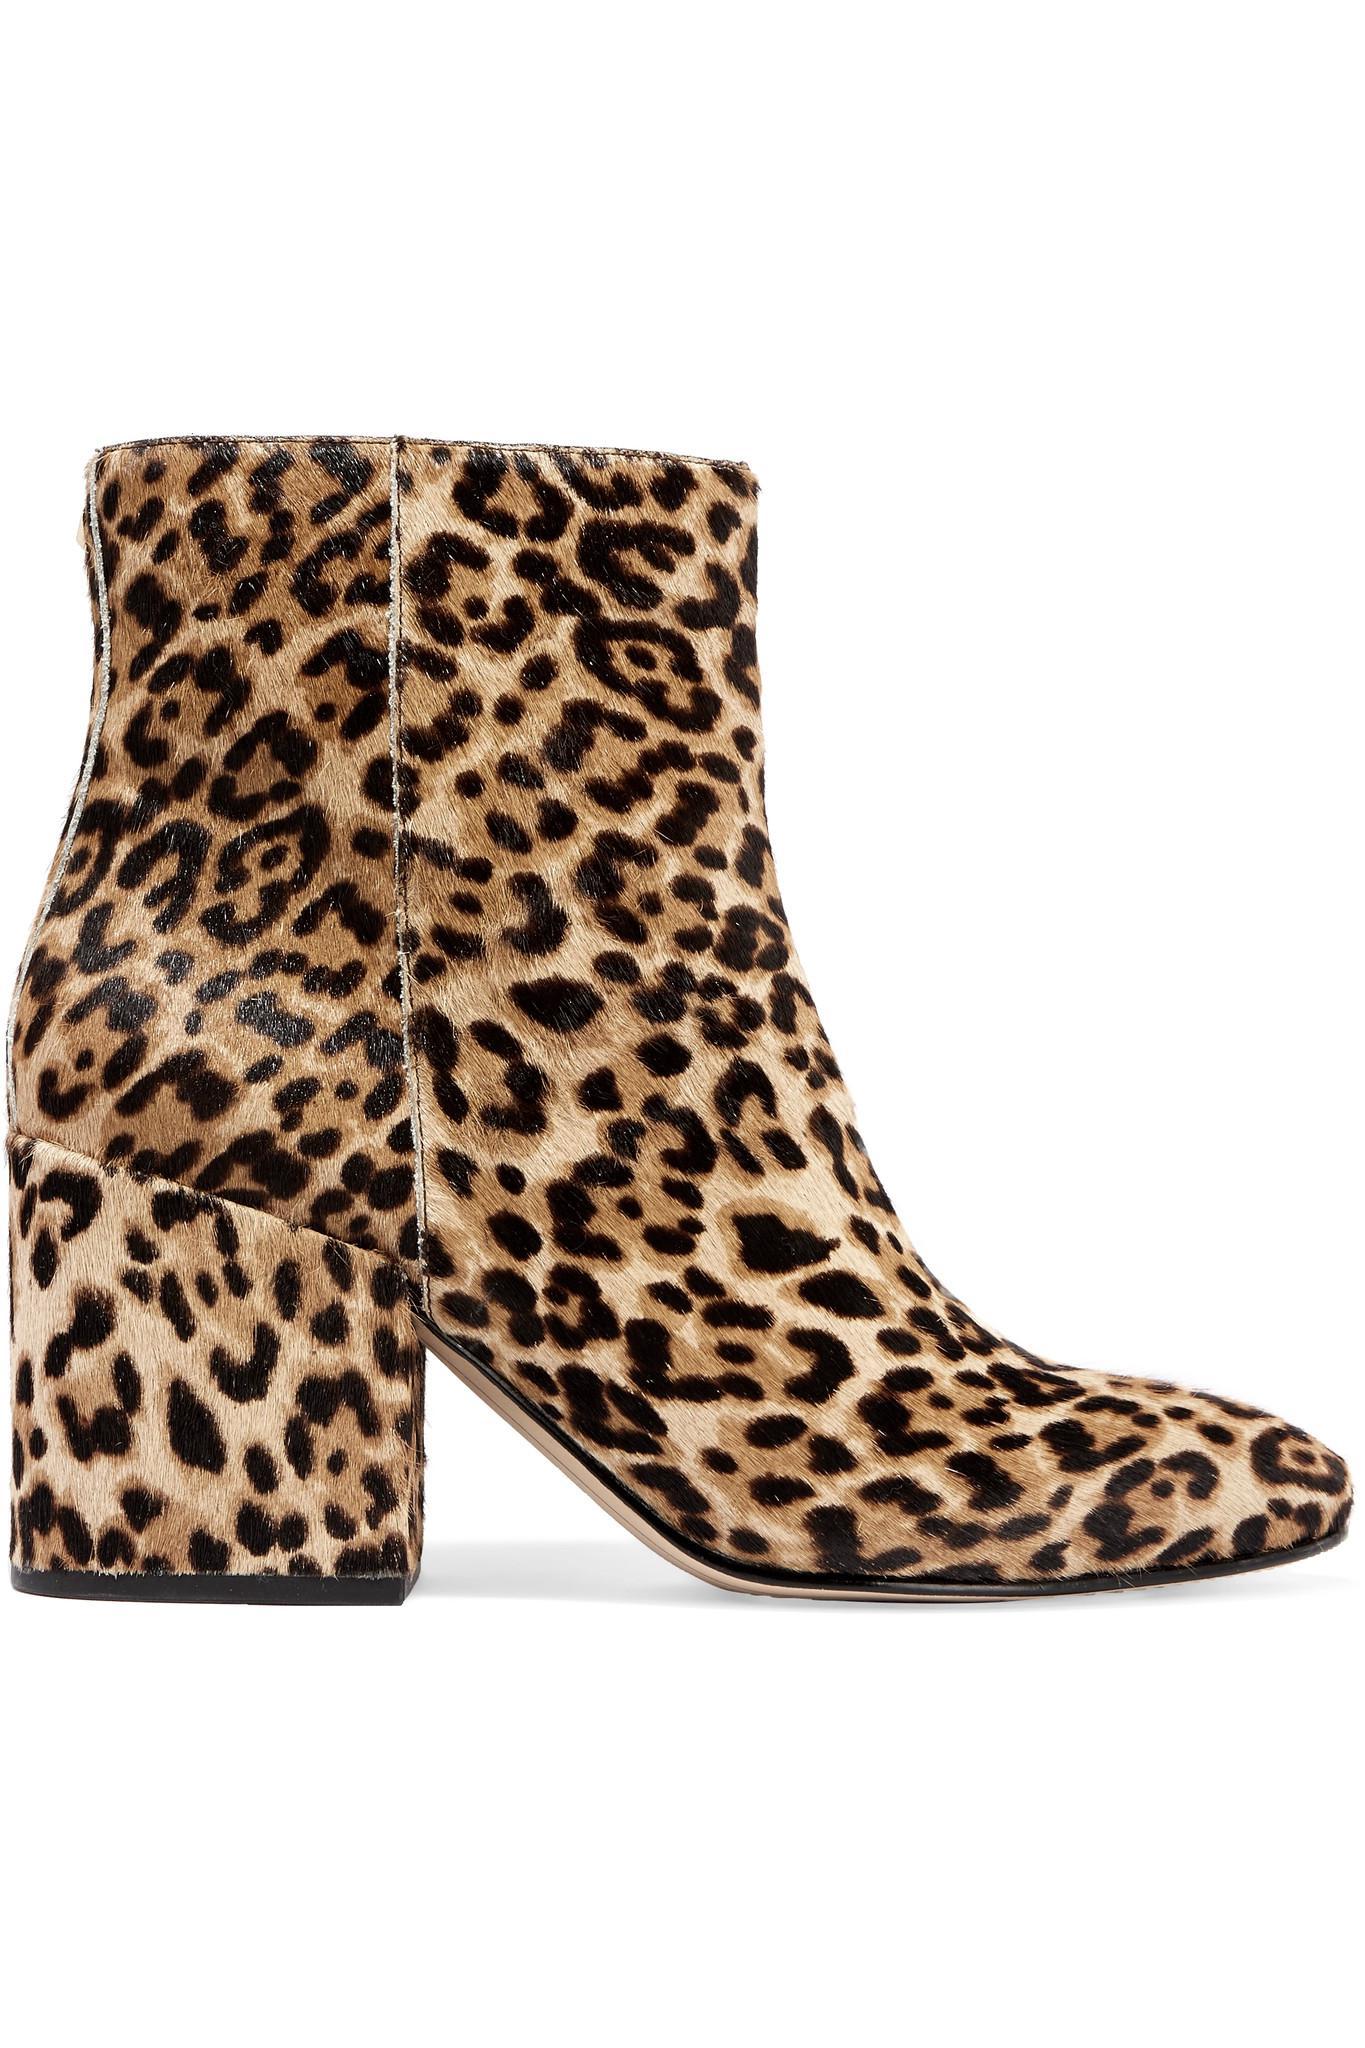 0fc6d1e93843db Lyst - Sam Edelman Taye Leopard-print Calf Hair Ankle Boots in Brown